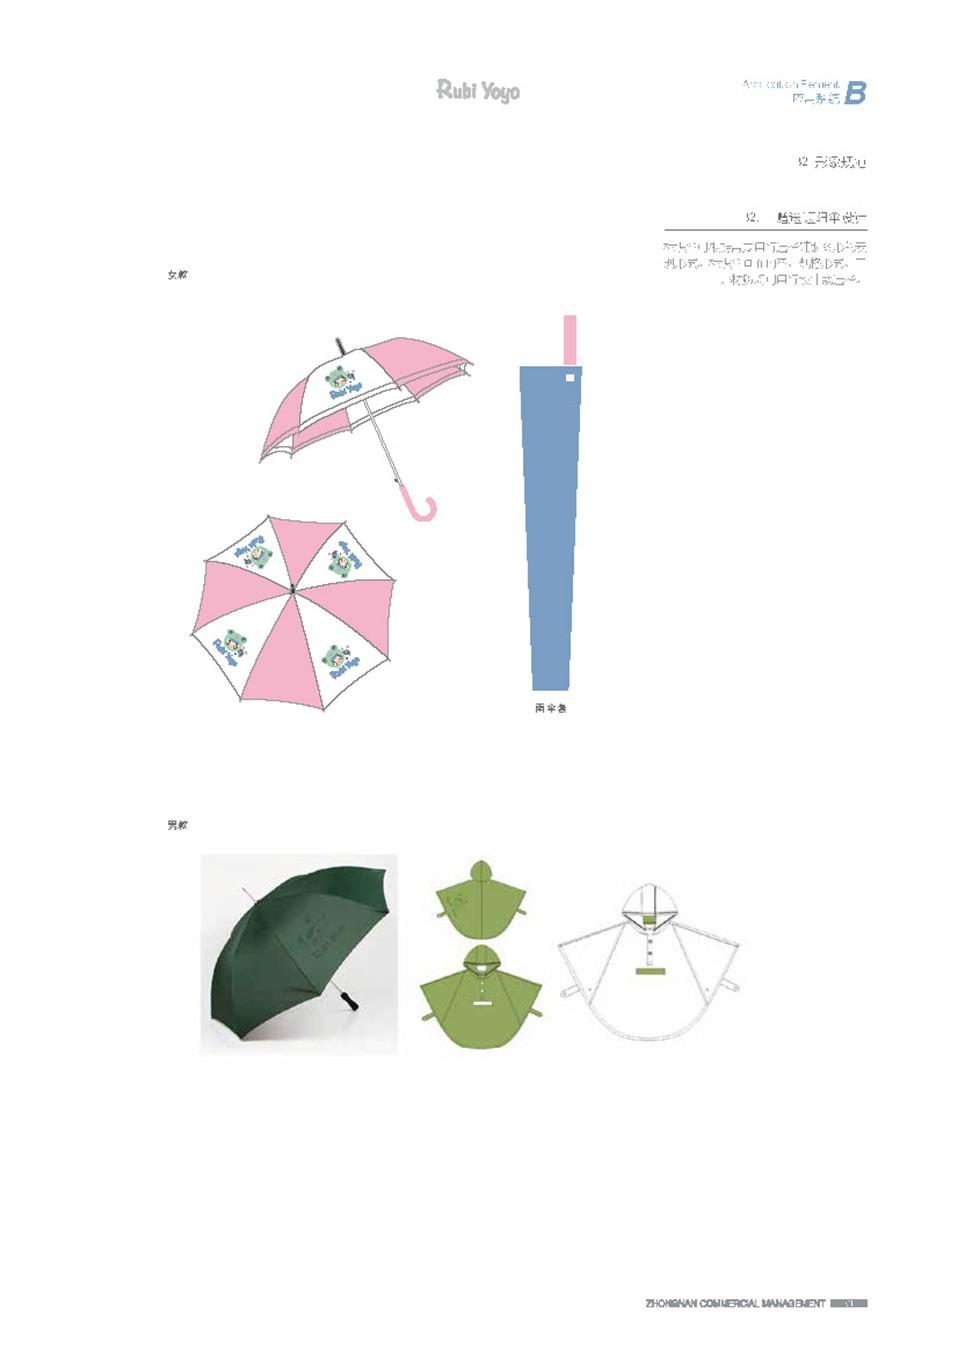 vi设计-品牌设计-画册设计-论坛活动设计_05